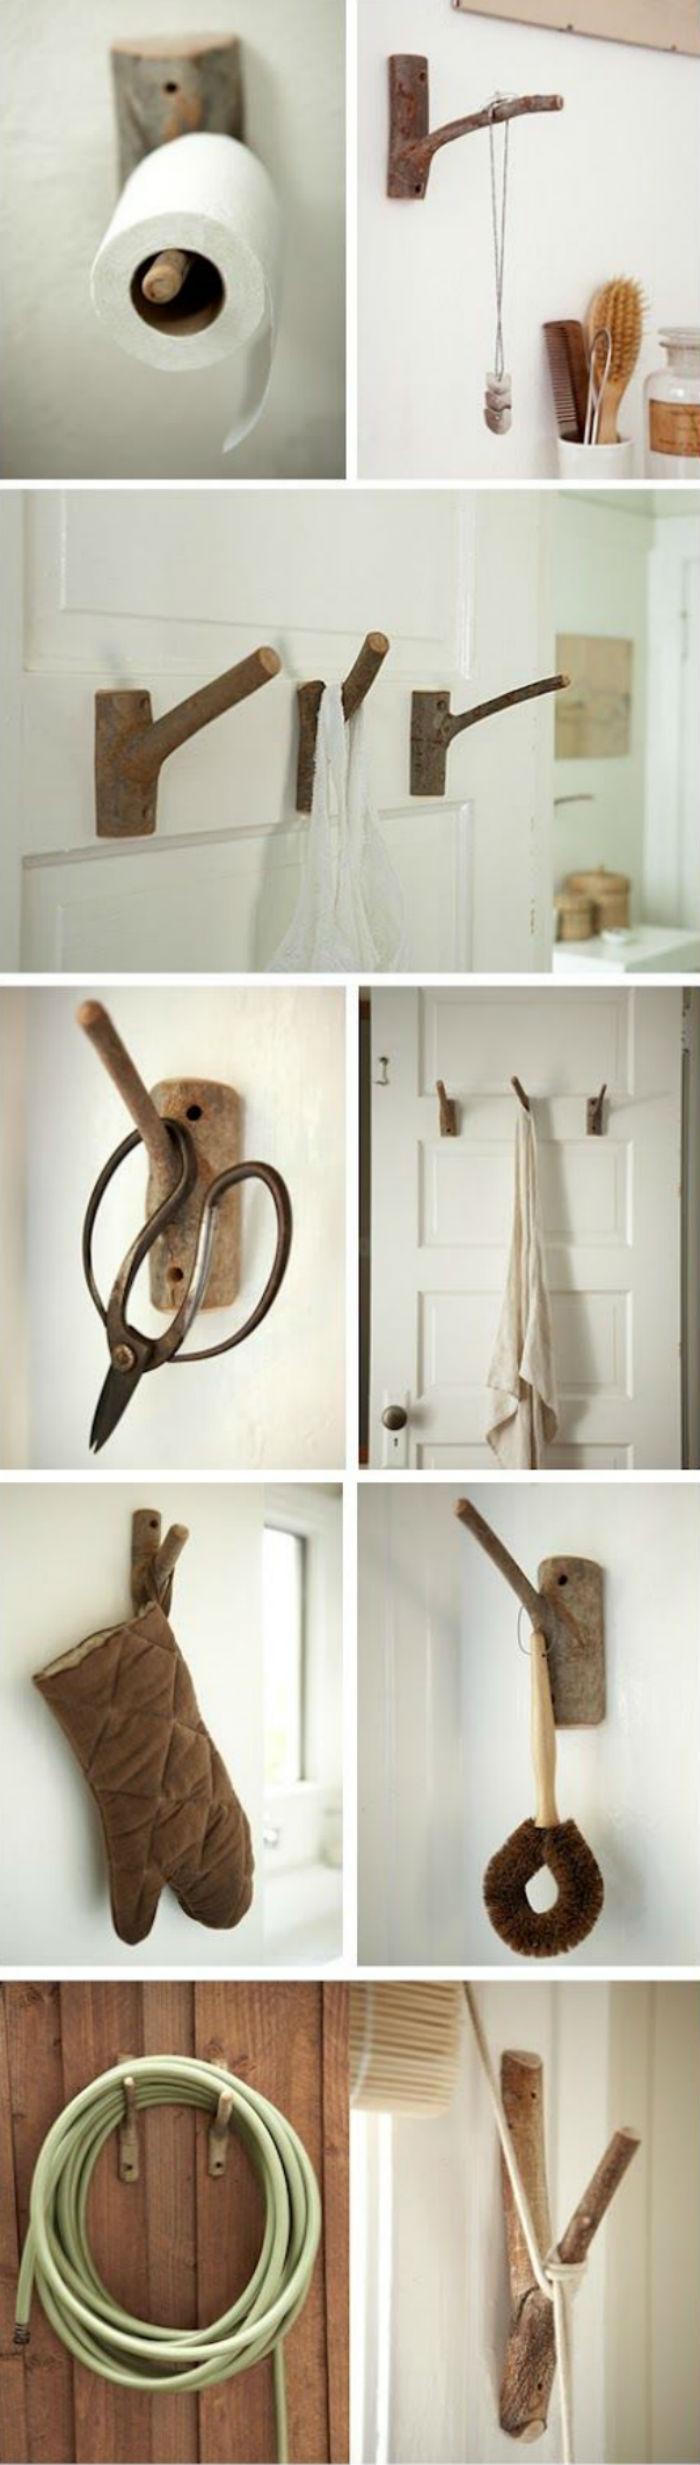 hangers_11